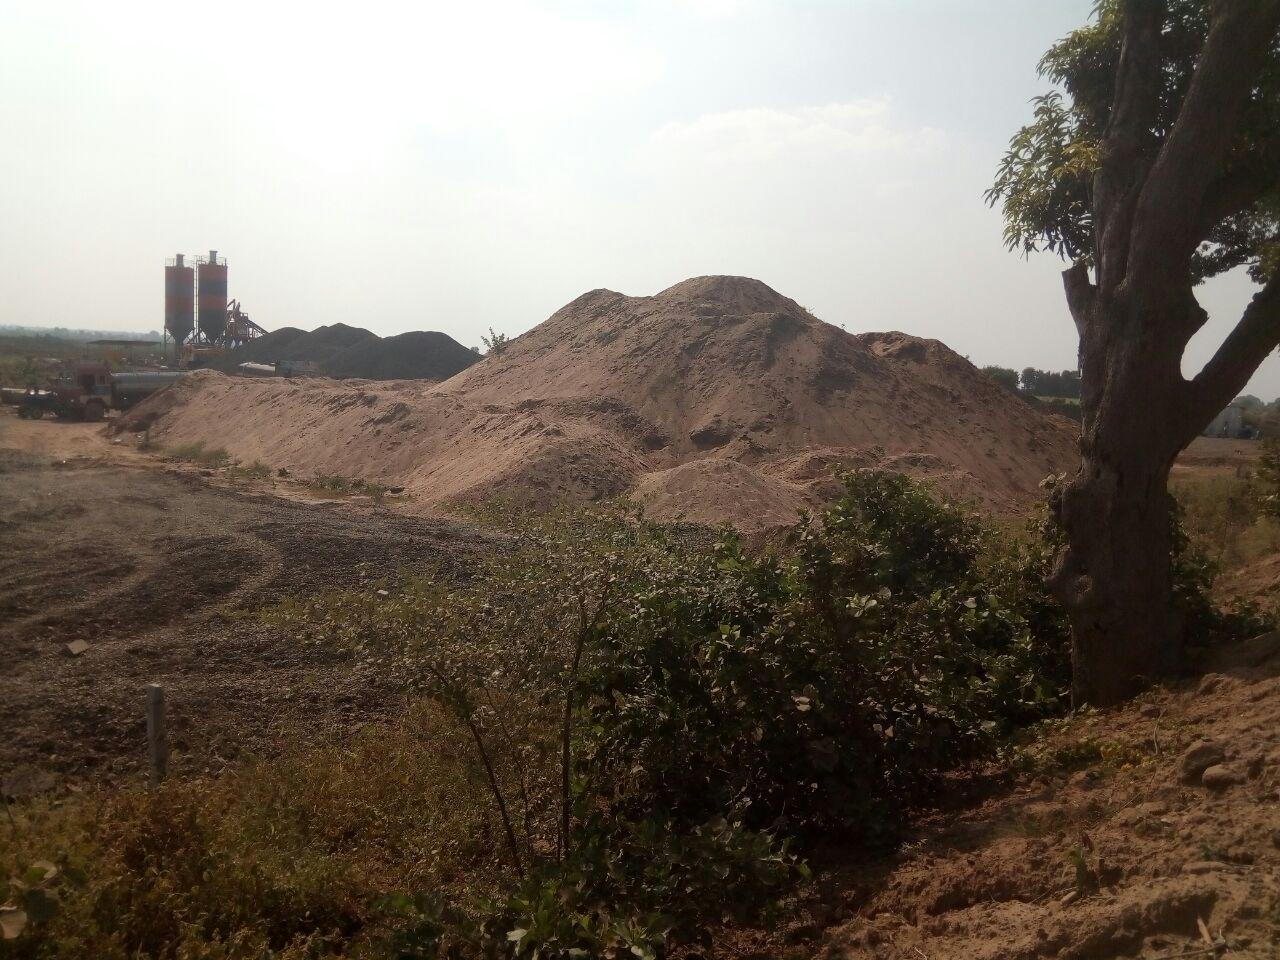 निर्माण कार्यों में खनिज की रॉयल्टी की लाखों की चोरी